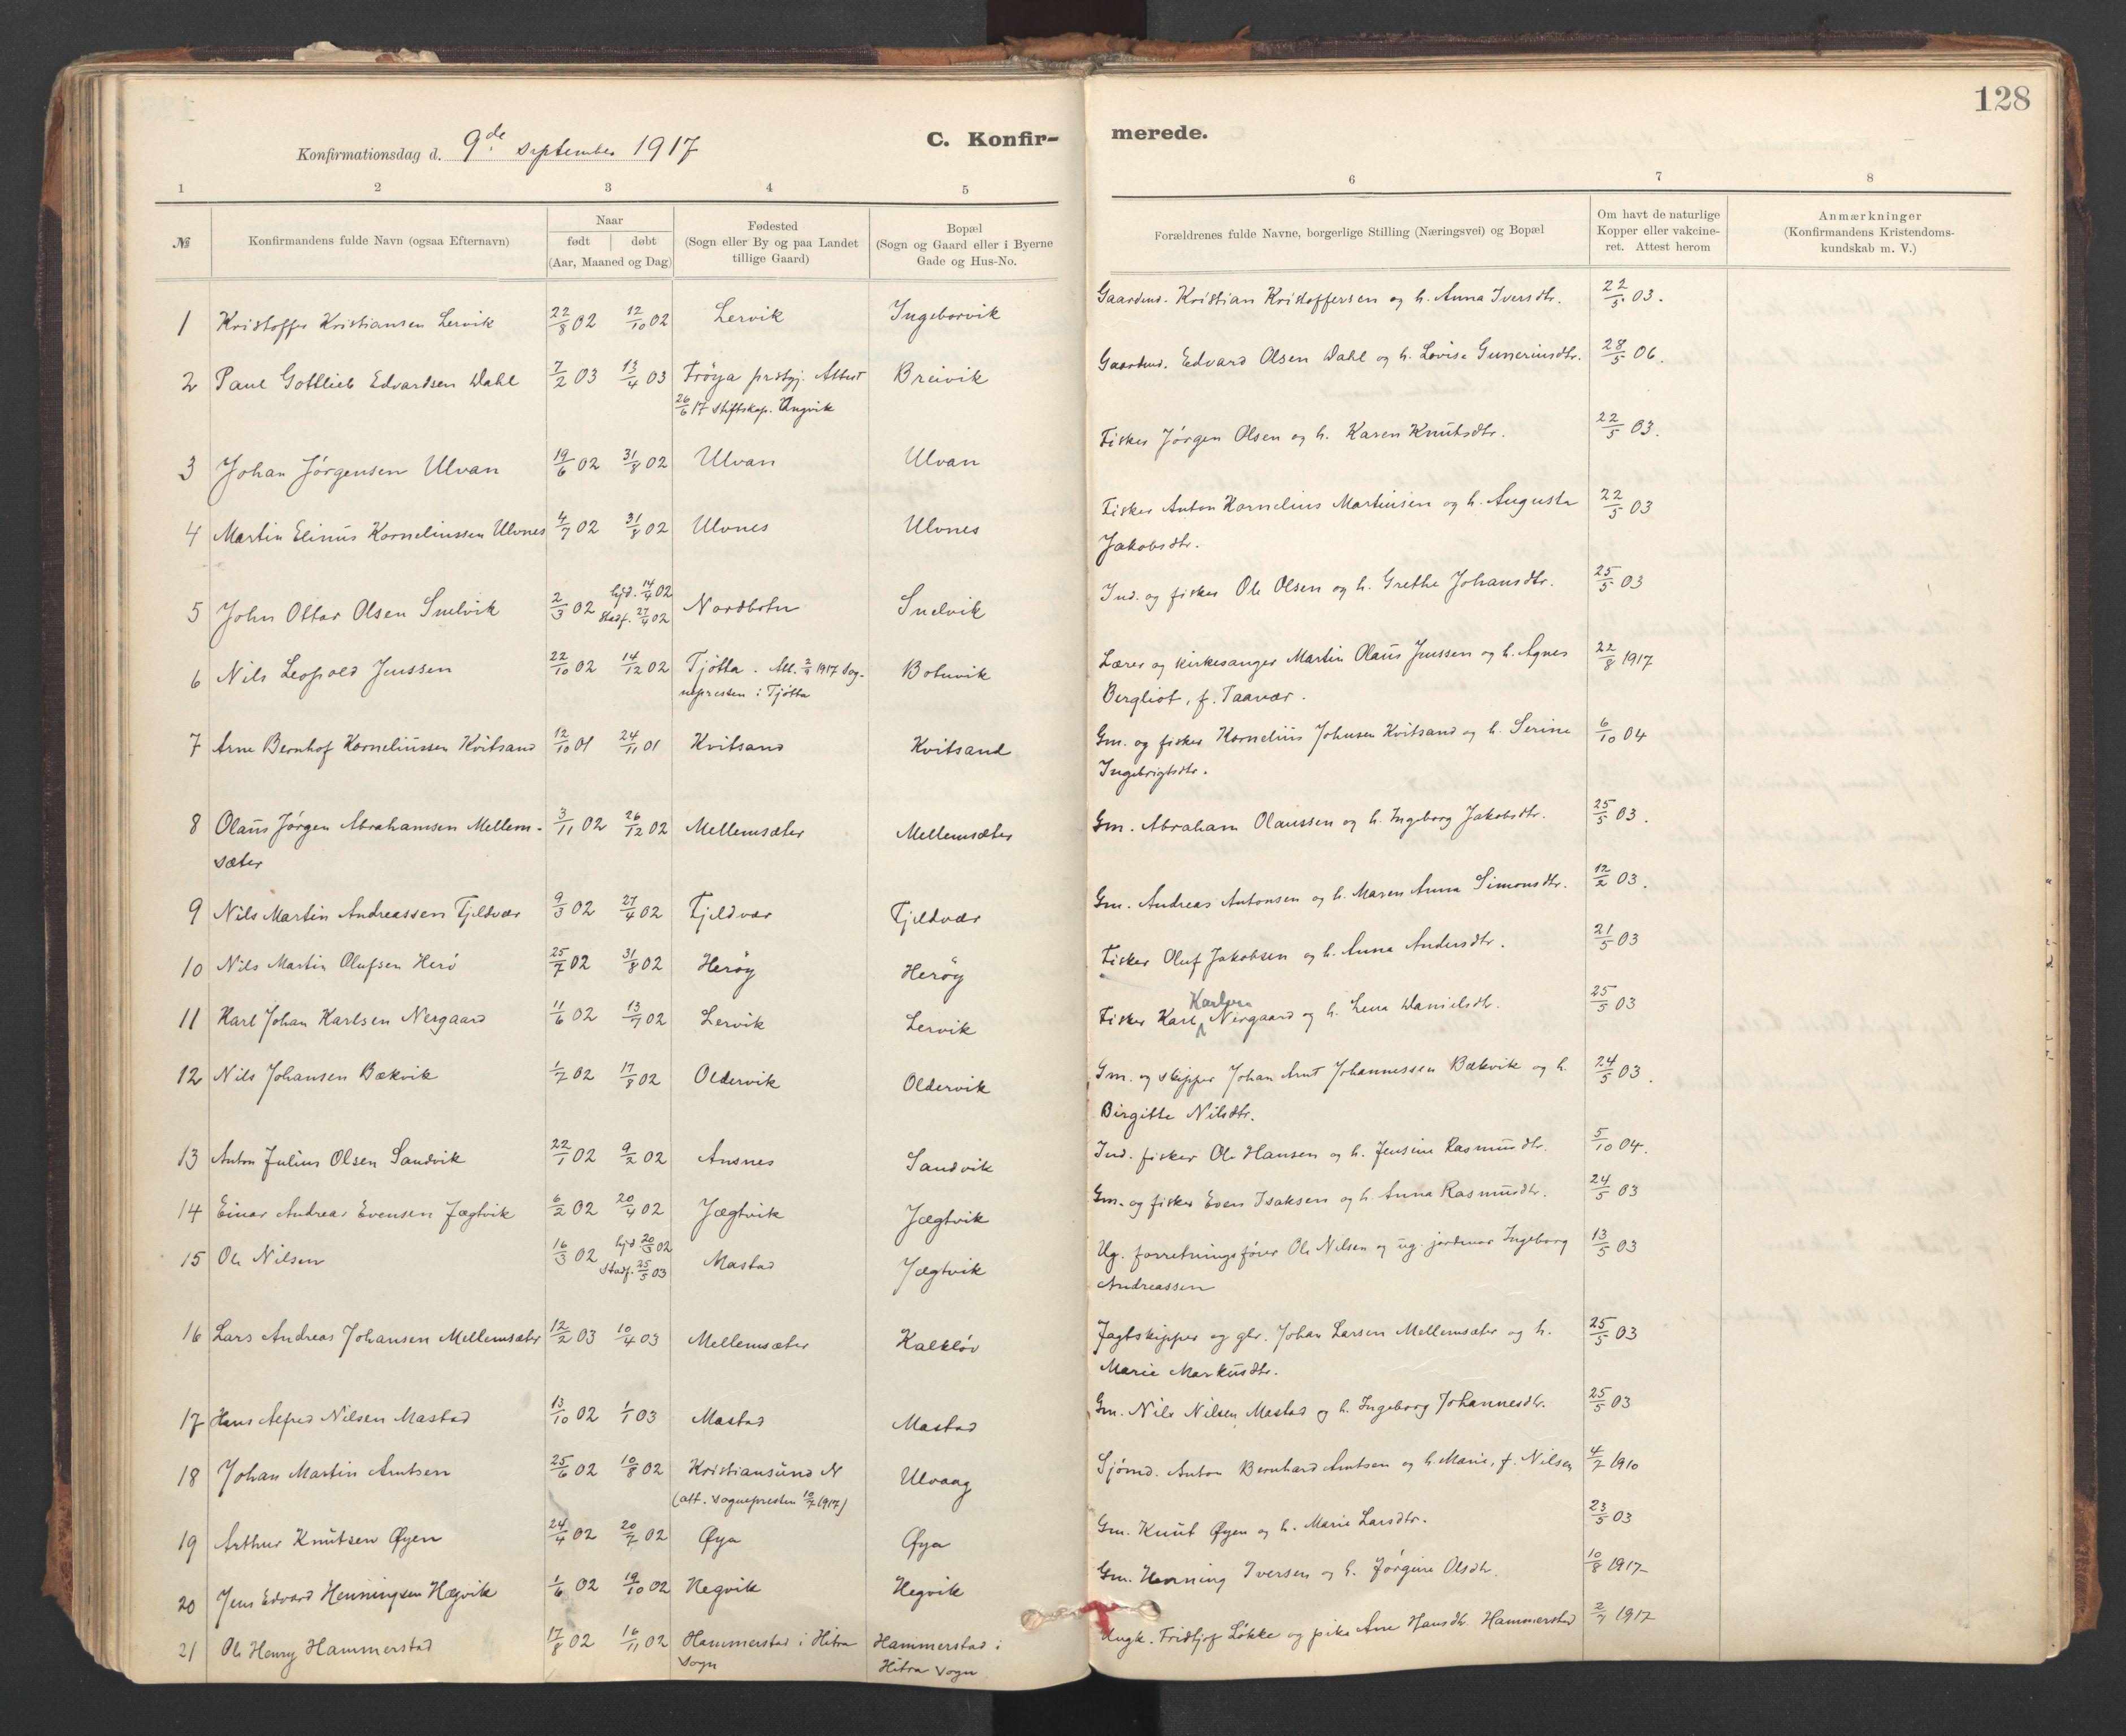 SAT, Ministerialprotokoller, klokkerbøker og fødselsregistre - Sør-Trøndelag, 637/L0559: Ministerialbok nr. 637A02, 1899-1923, s. 128